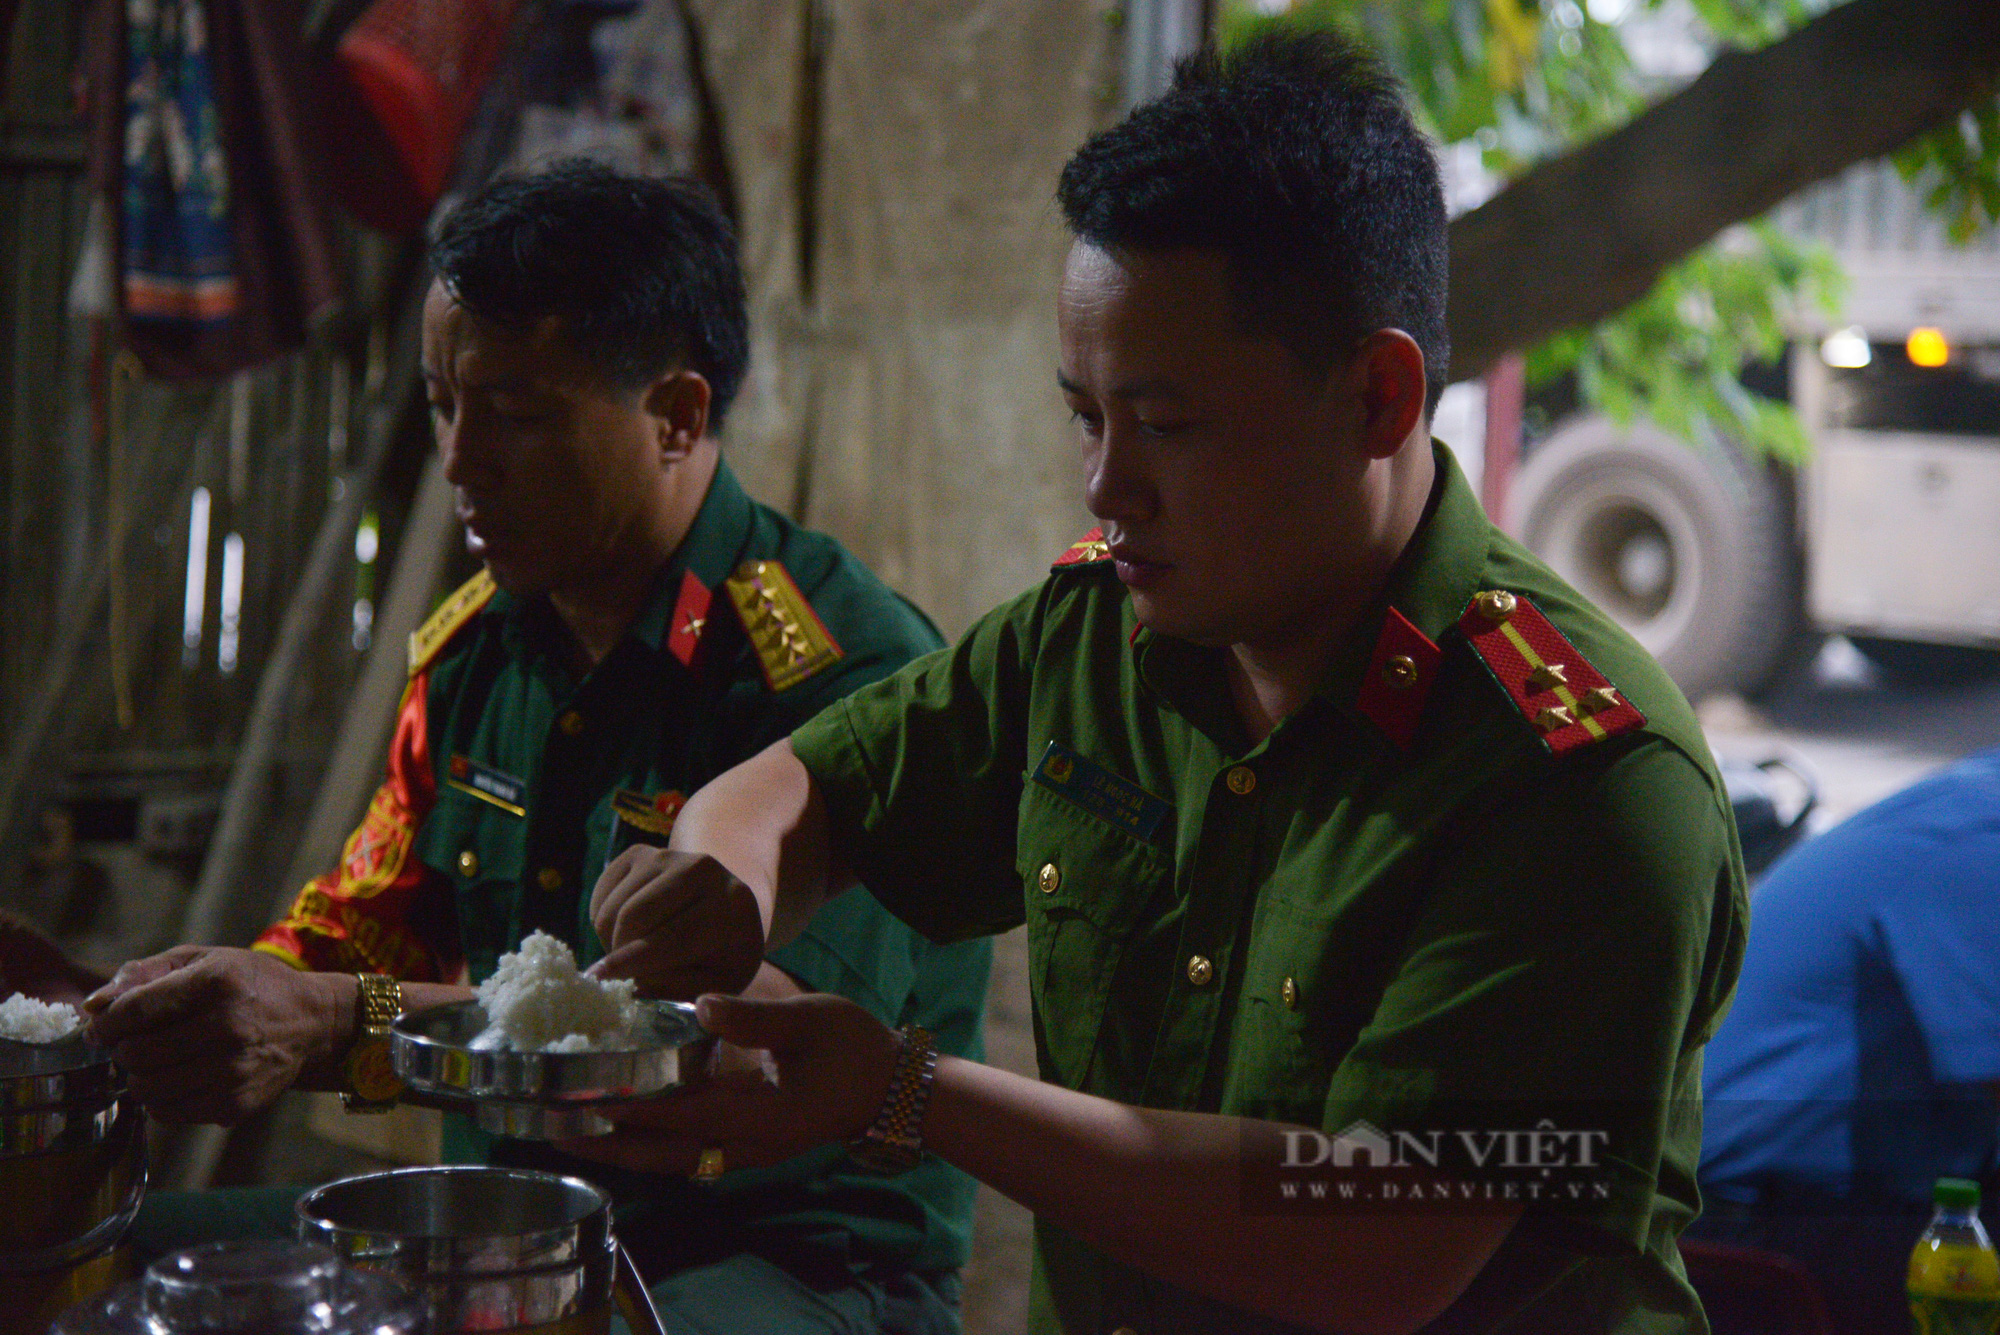 """Người dân Hà Nội nhường nhà, """"tiếp tế"""" cơm, nước uống chia sẻ với lực lượng làm nhiệm vụ phòng, chống dịch - Ảnh 13."""